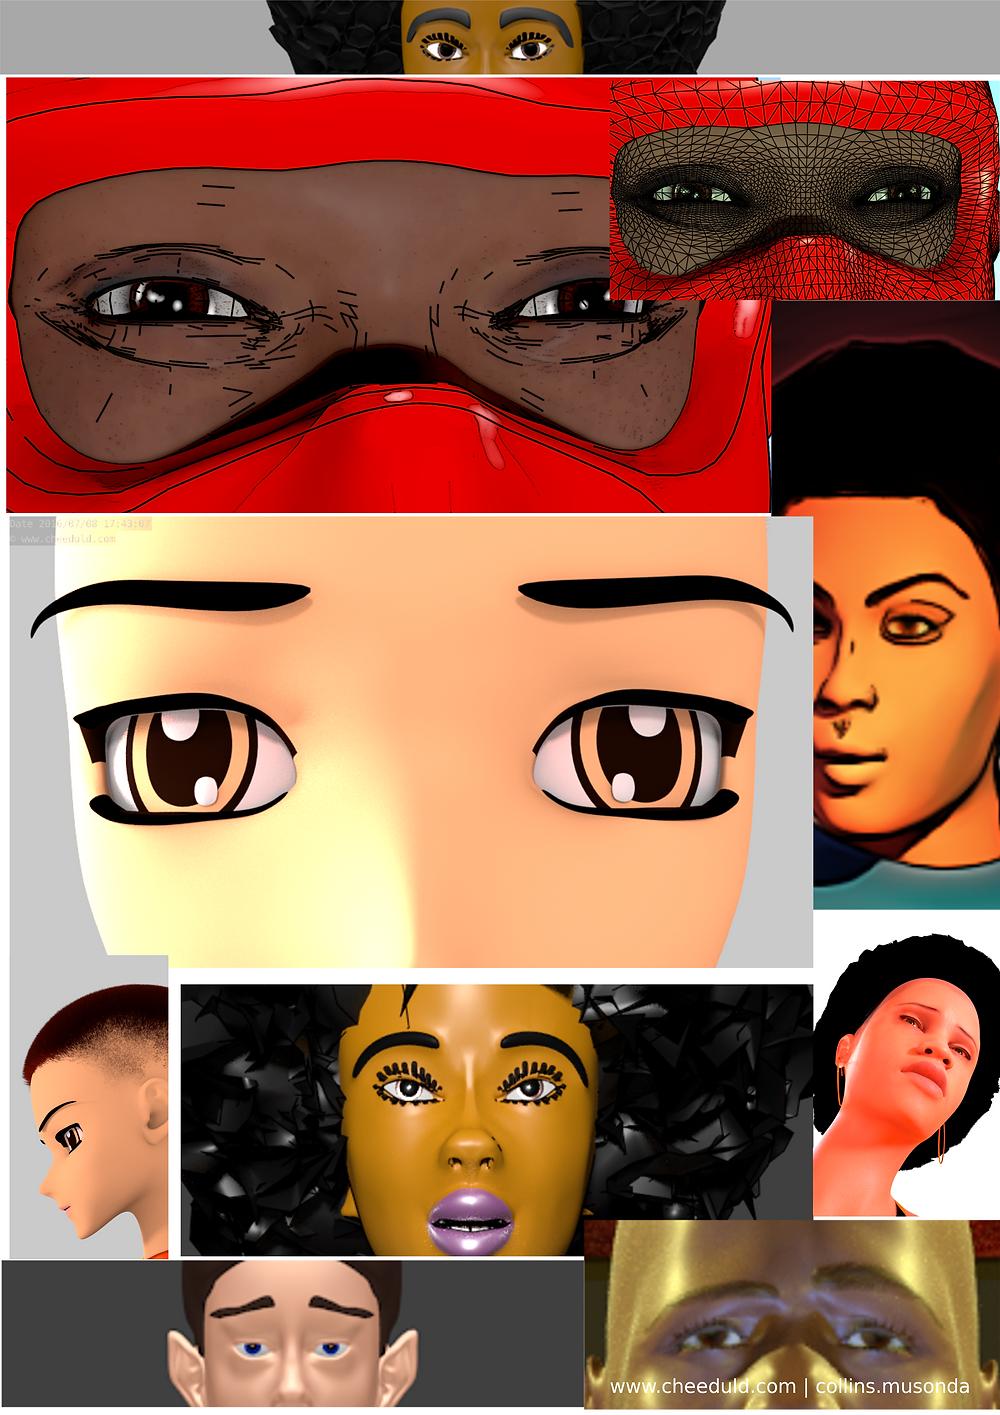 #eyememe, #eyesmeme